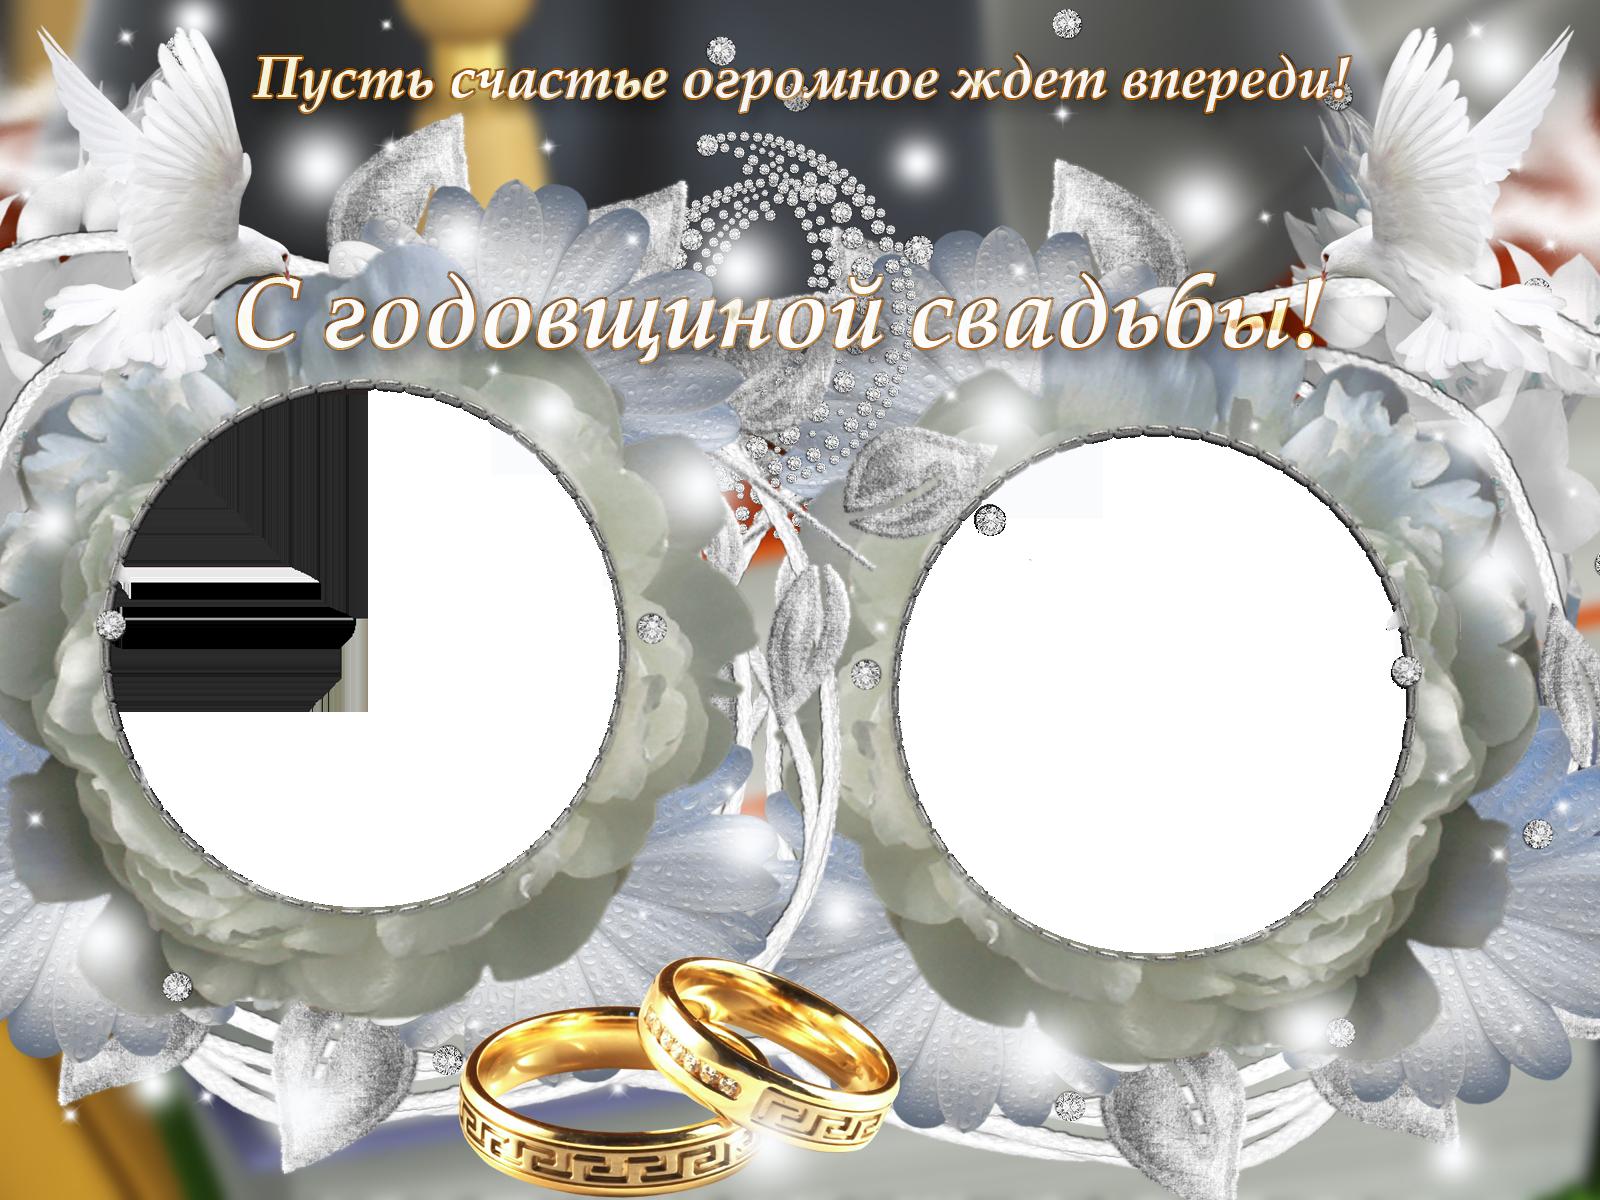 Фоторамка С годовщиной свадьбы! Фоторамка для фотошопа, PNG шаблон. Двойная круглая фоторамка на свадьбу. Золотые обручальные кольца, белые голуби, бриллианты. Две рамки для фотографий. Муж и жена, супруги. Пусть счастье огромное ждет впереди!